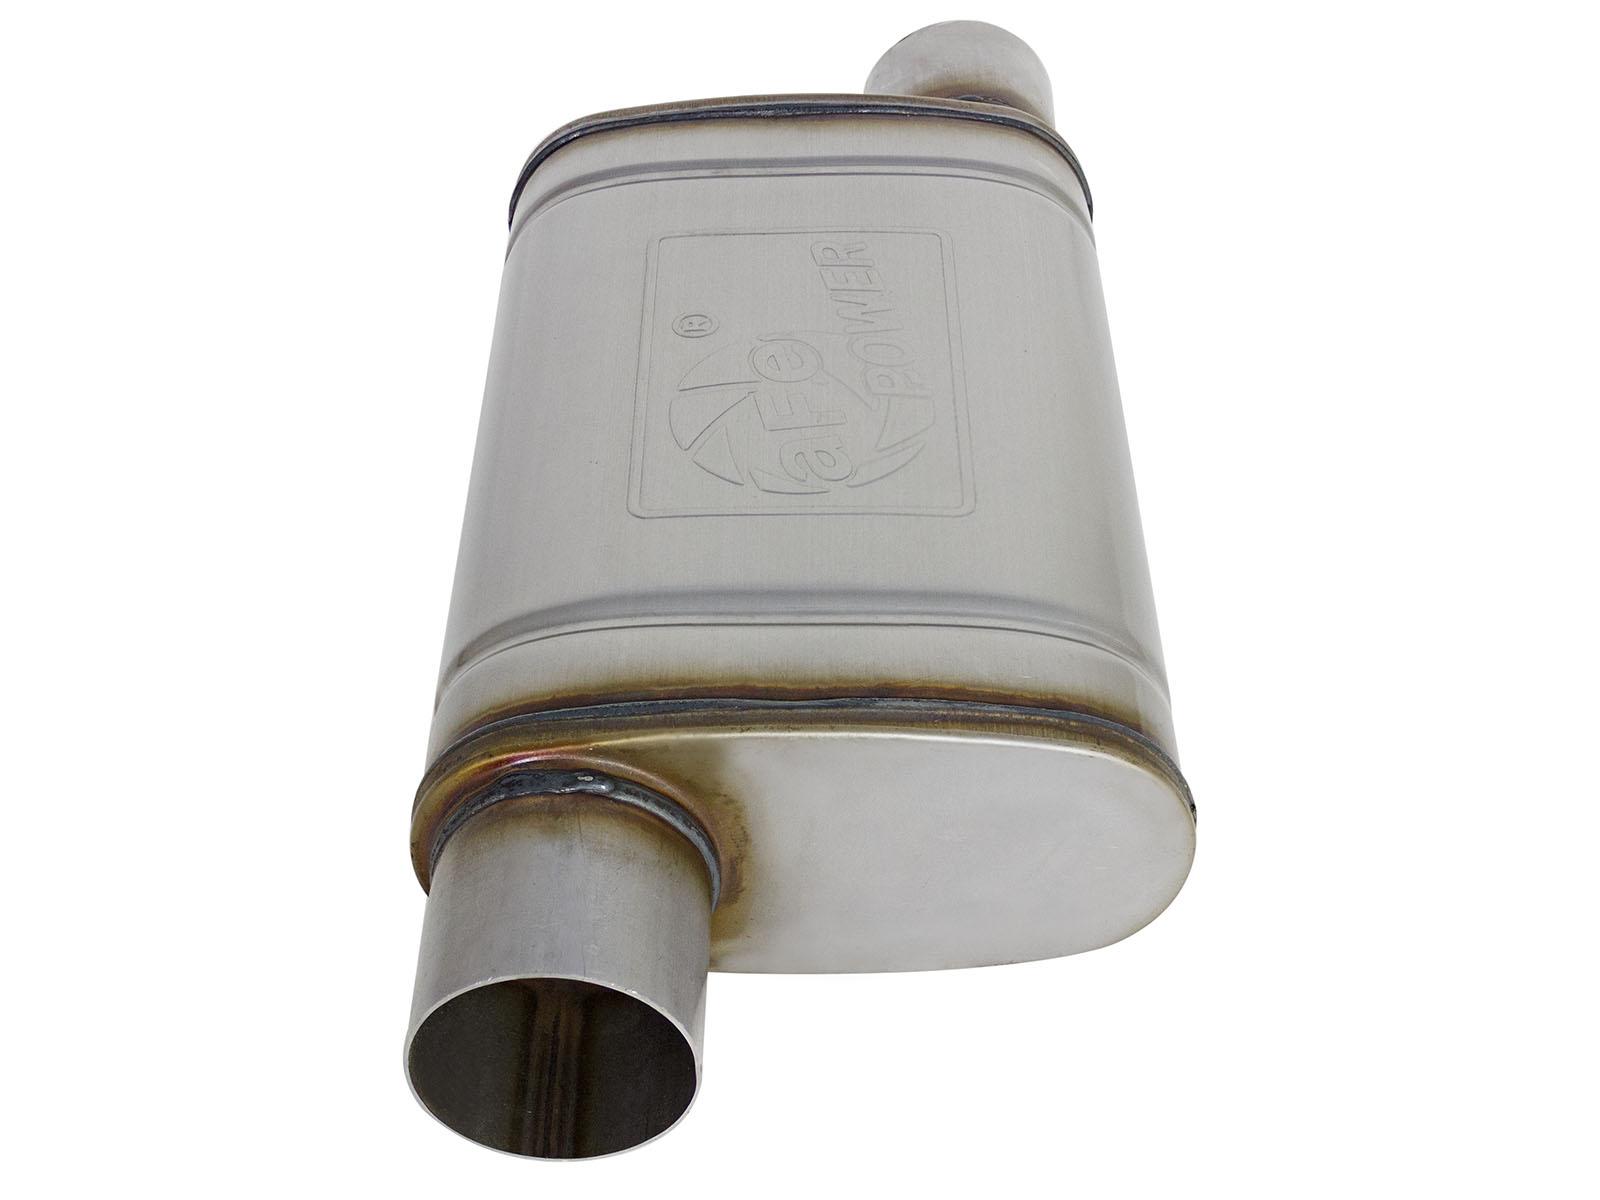 Universal muffler 49-91016B1600